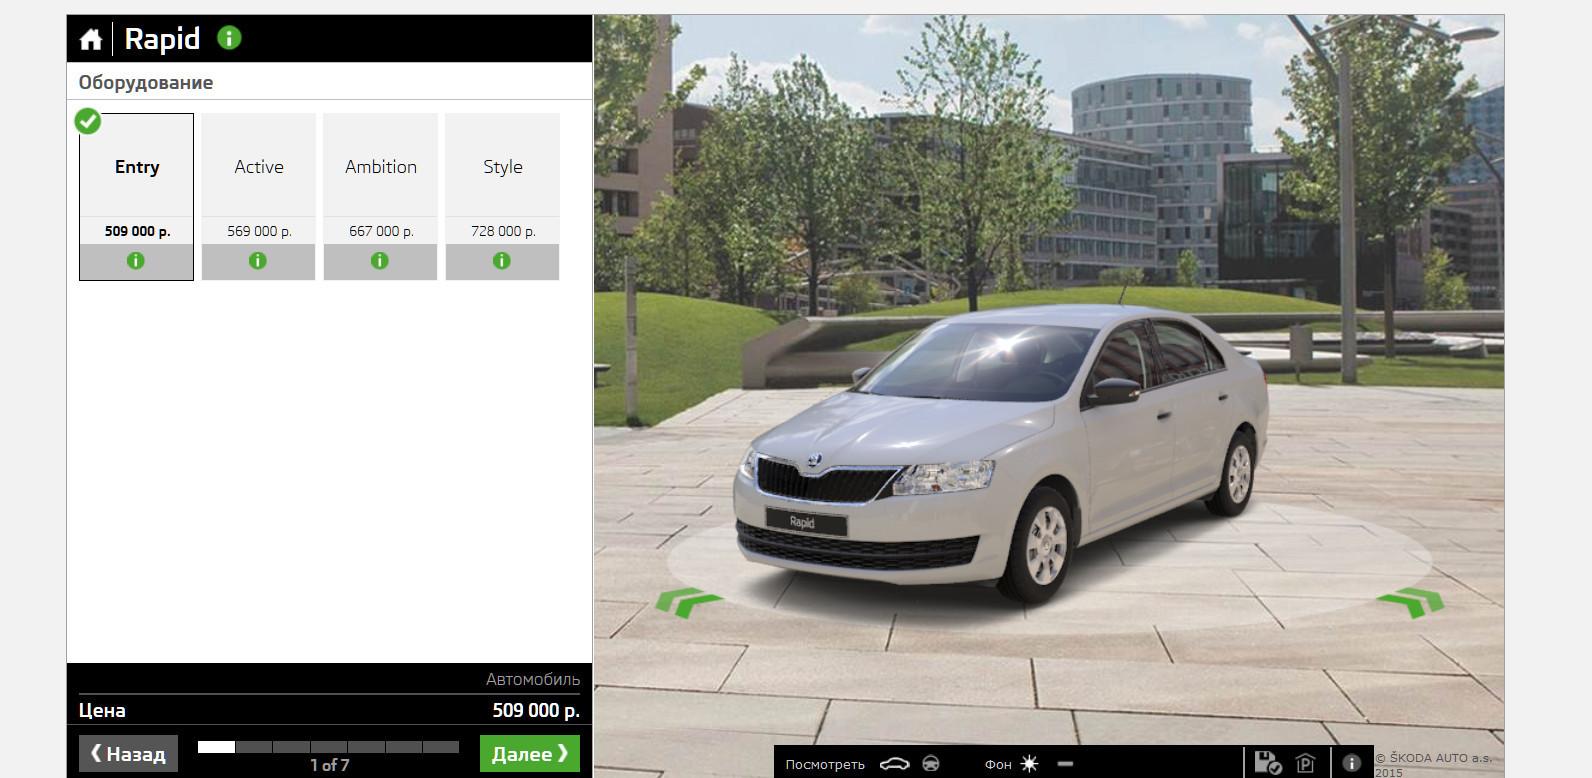 Автомобильные конфигураторы как зеркало революции веб-технологий - 6